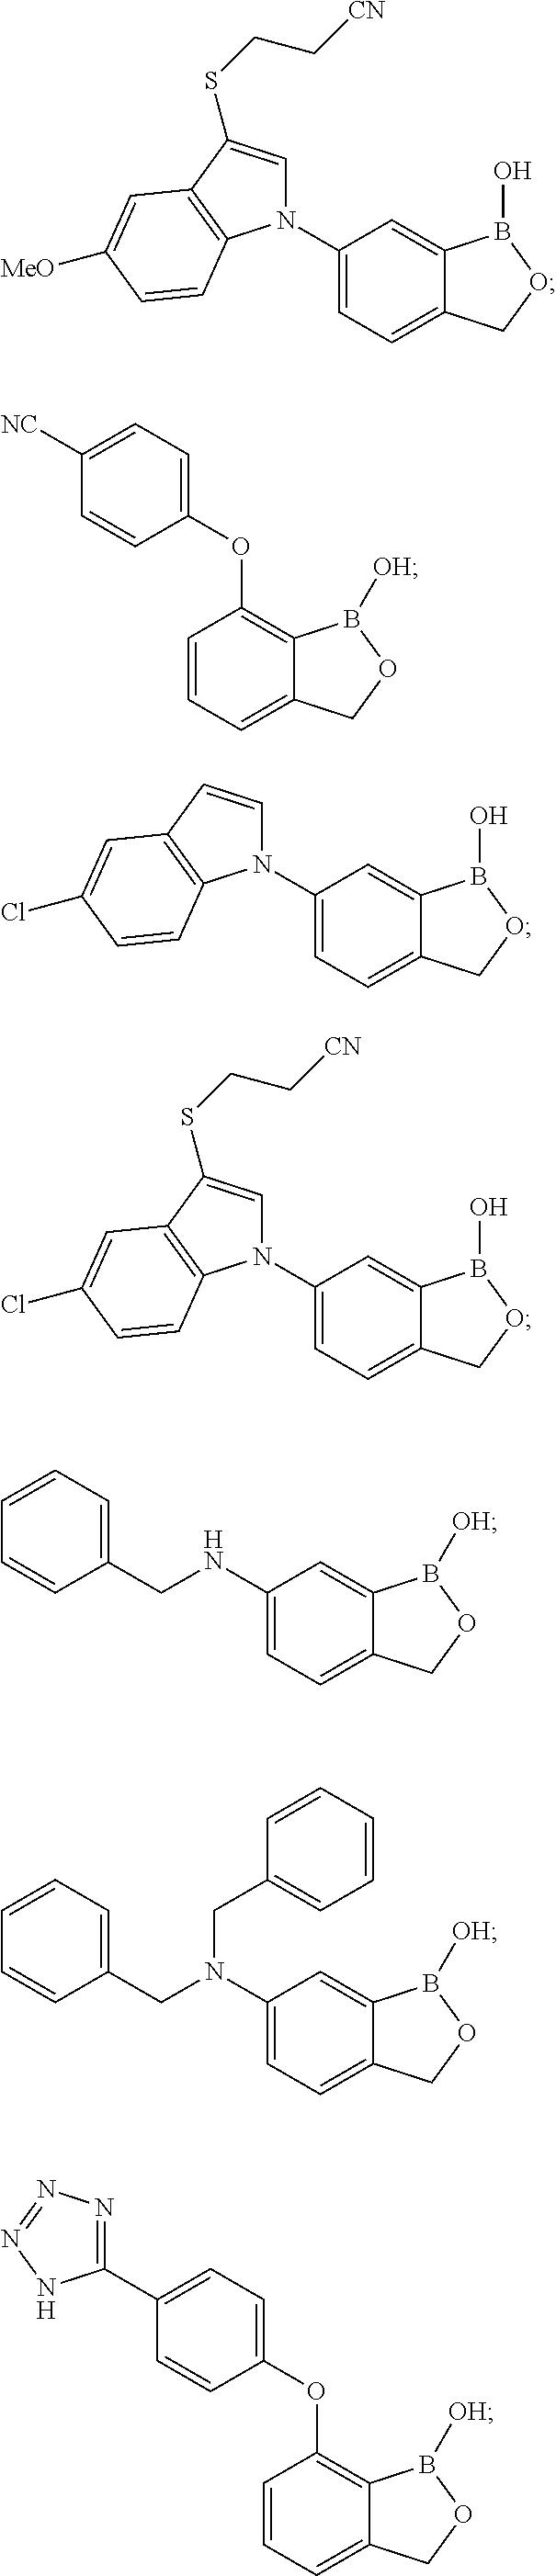 Figure US09353133-20160531-C00032